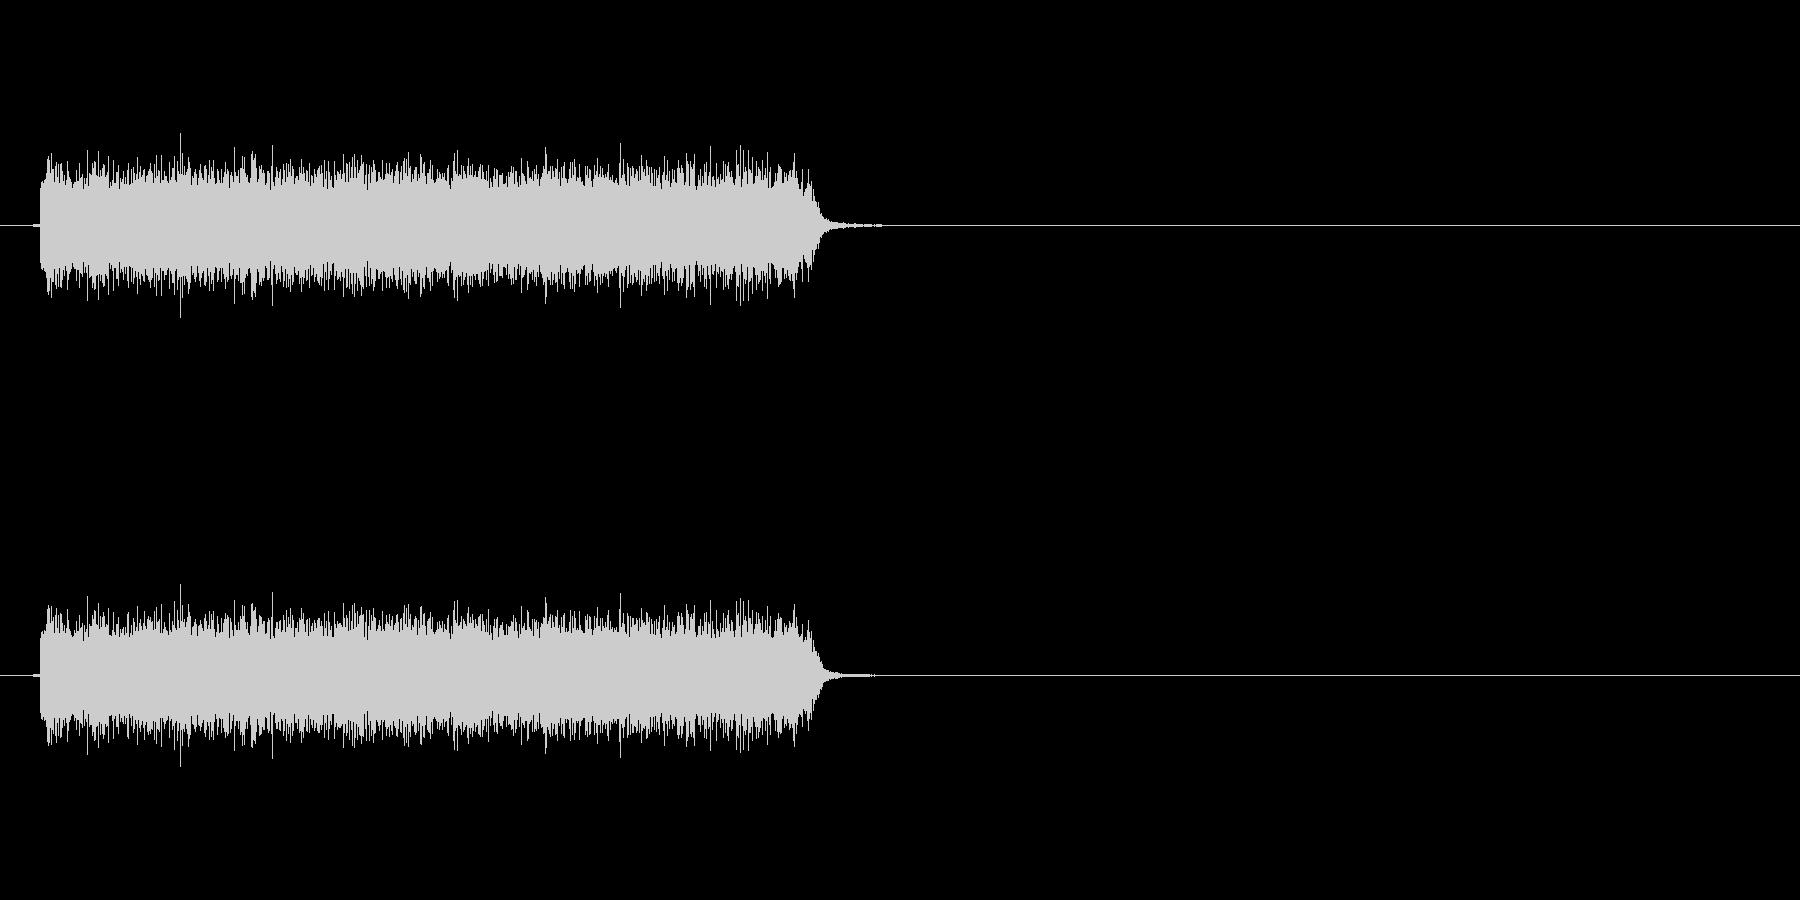 ロック曲等に使えるエレキギター効果音2の未再生の波形